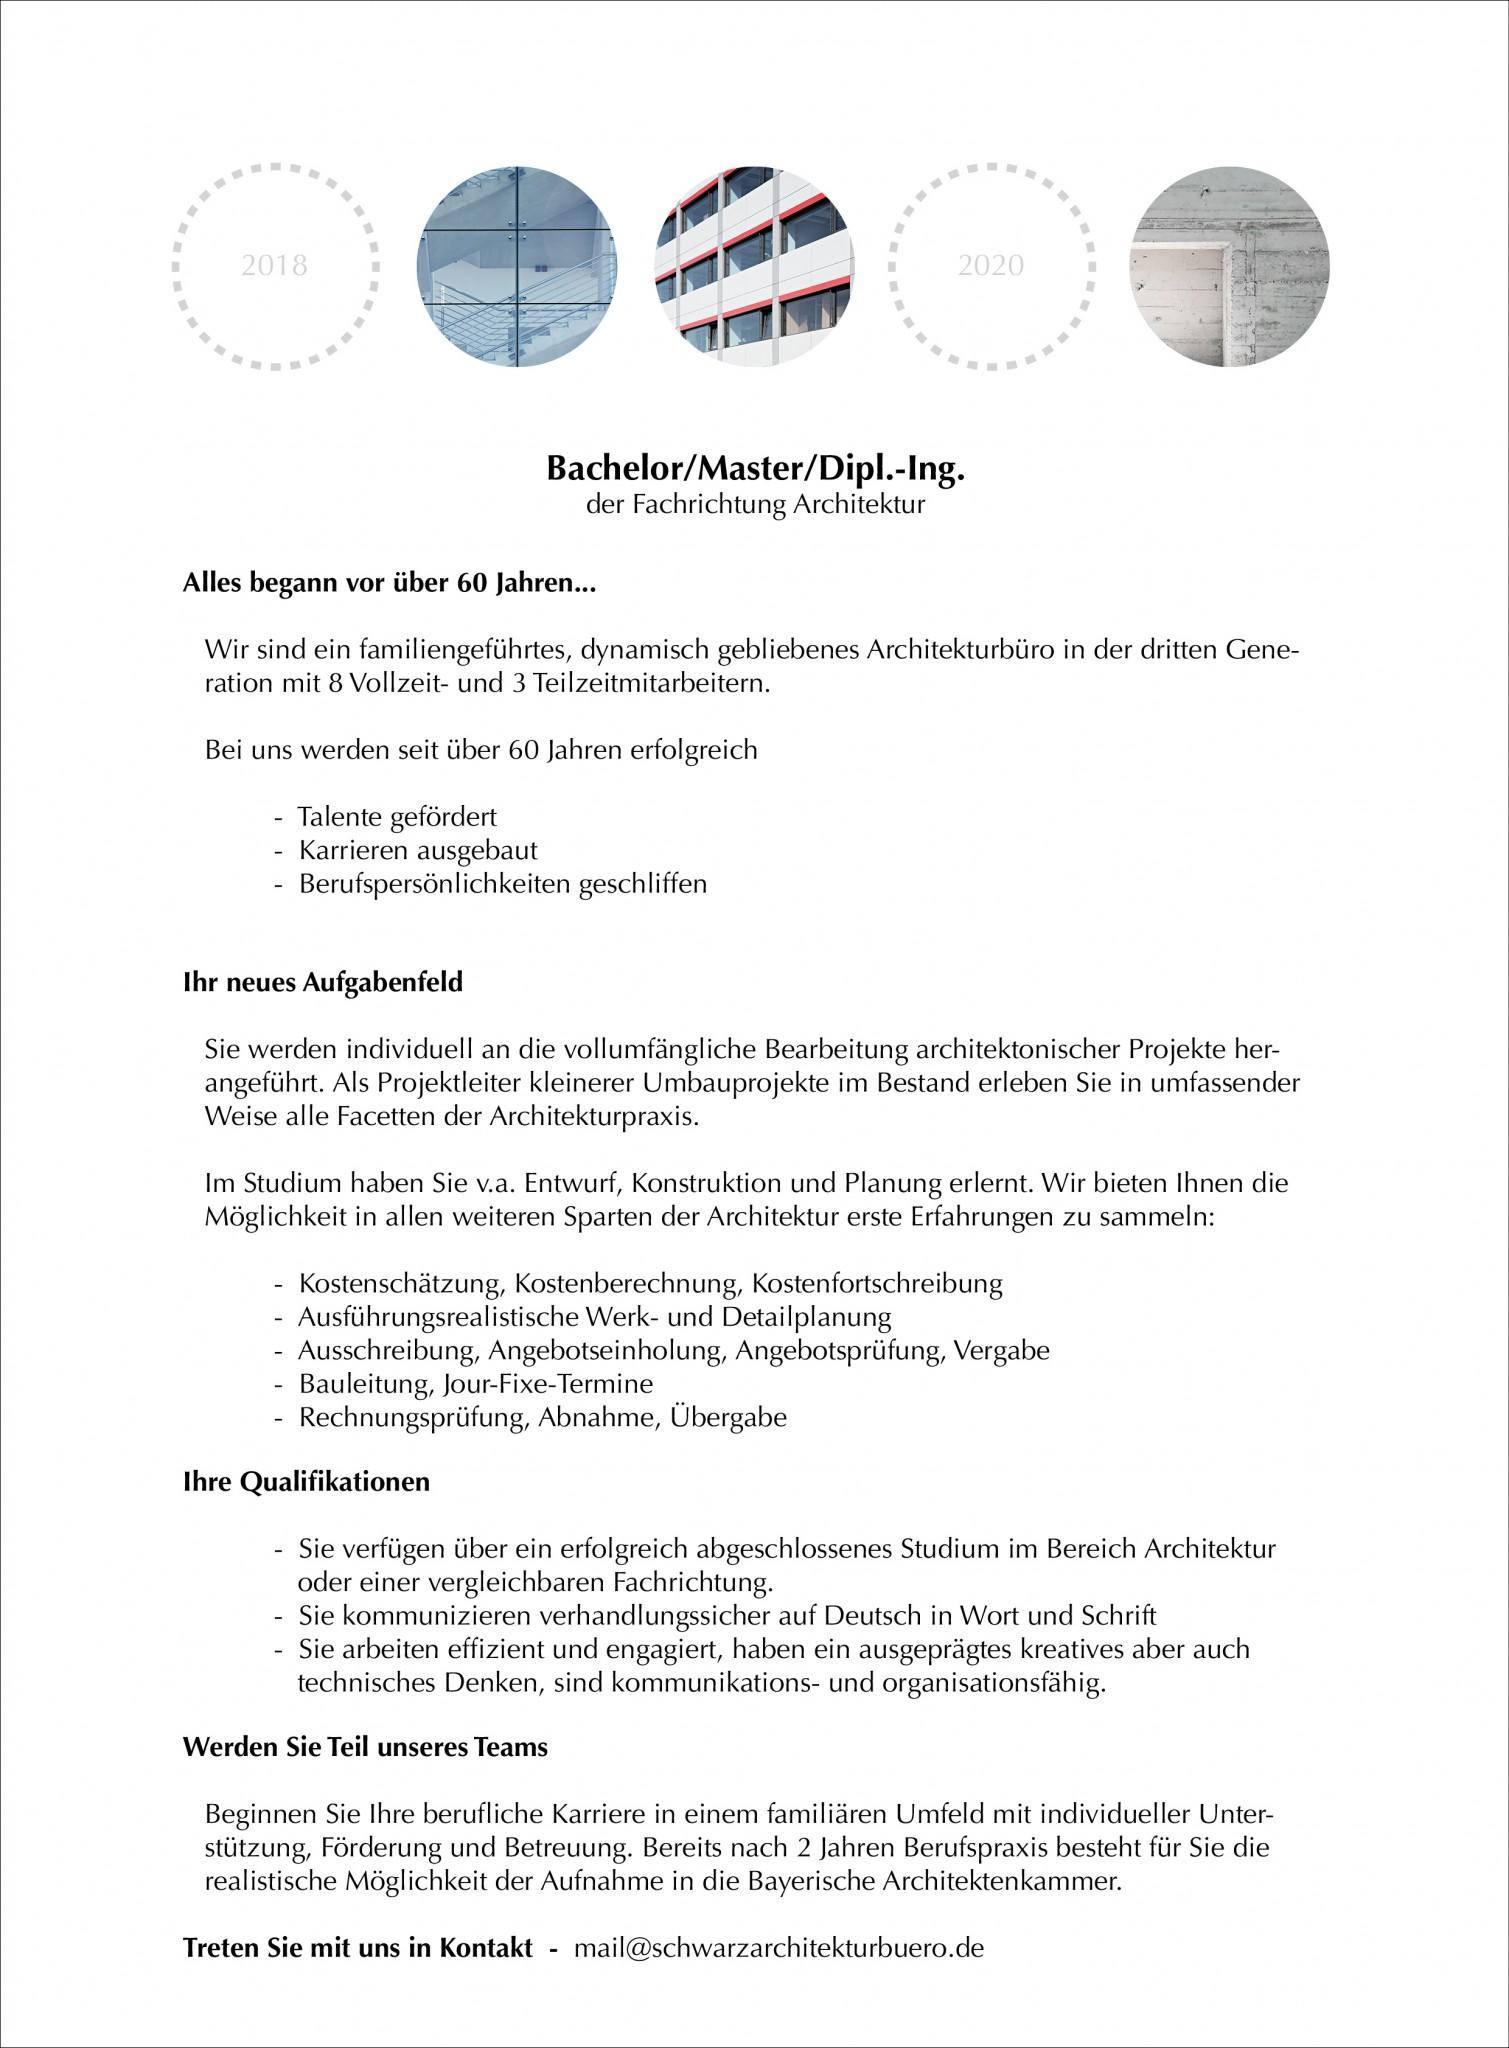 Stellenangebote Schwarz Architekturburo Nurnberg